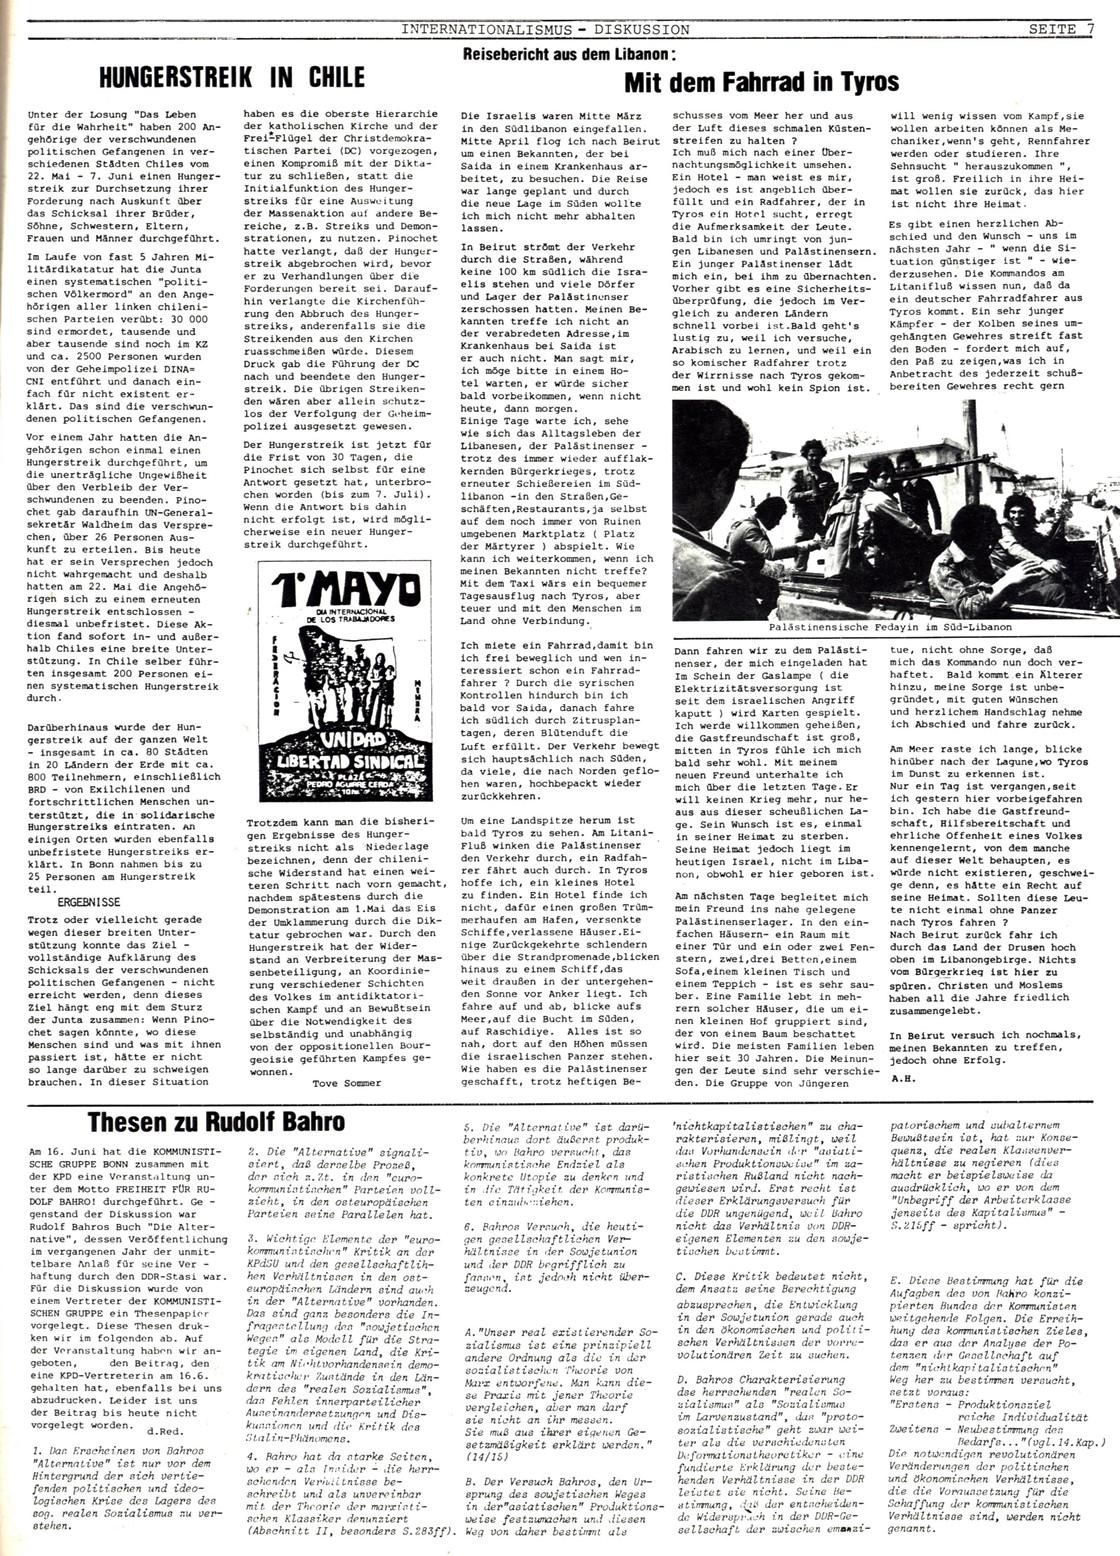 Bonner_Volksblatt_14_19780628_07